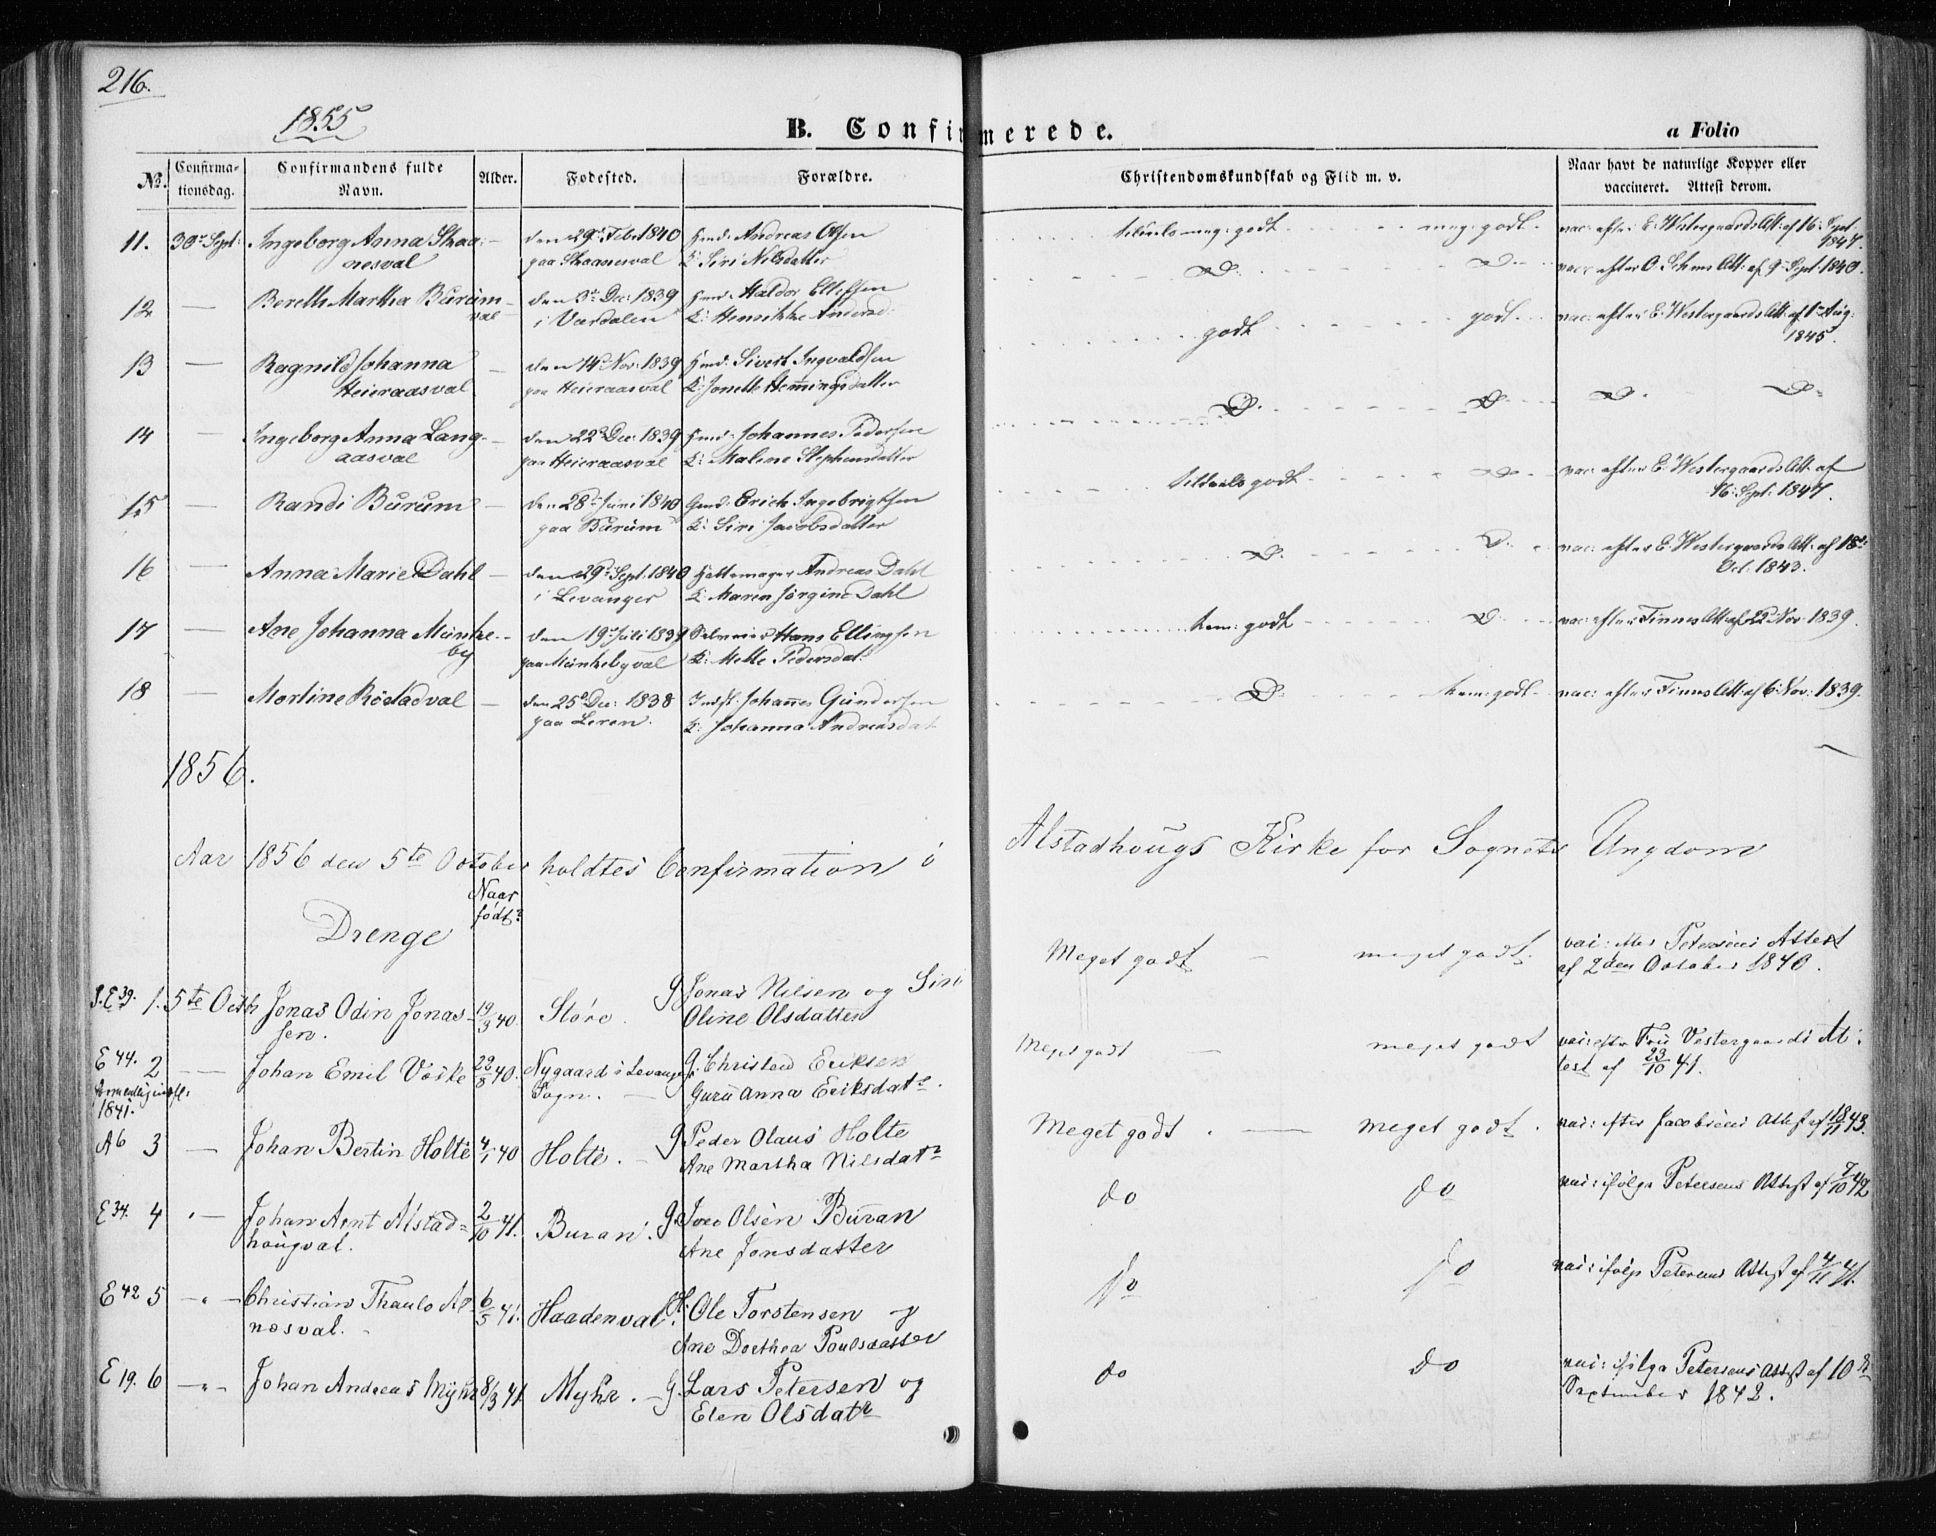 SAT, Ministerialprotokoller, klokkerbøker og fødselsregistre - Nord-Trøndelag, 717/L0154: Ministerialbok nr. 717A07 /1, 1850-1862, s. 216